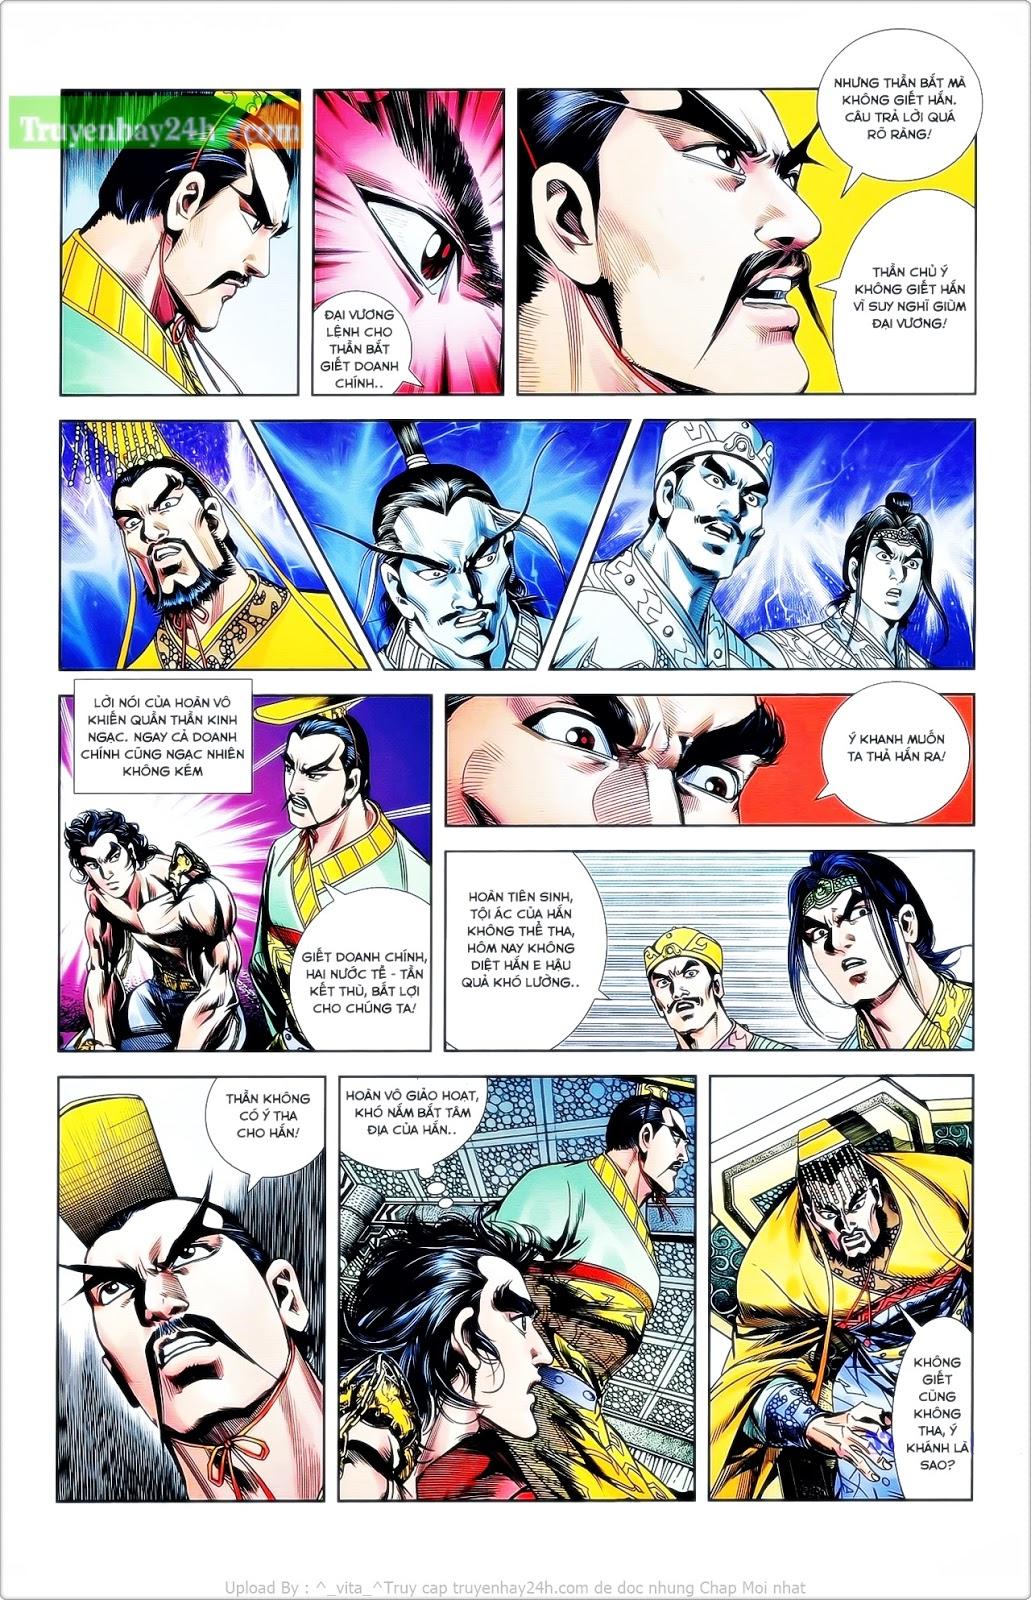 Tần Vương Doanh Chính chapter 24 trang 15